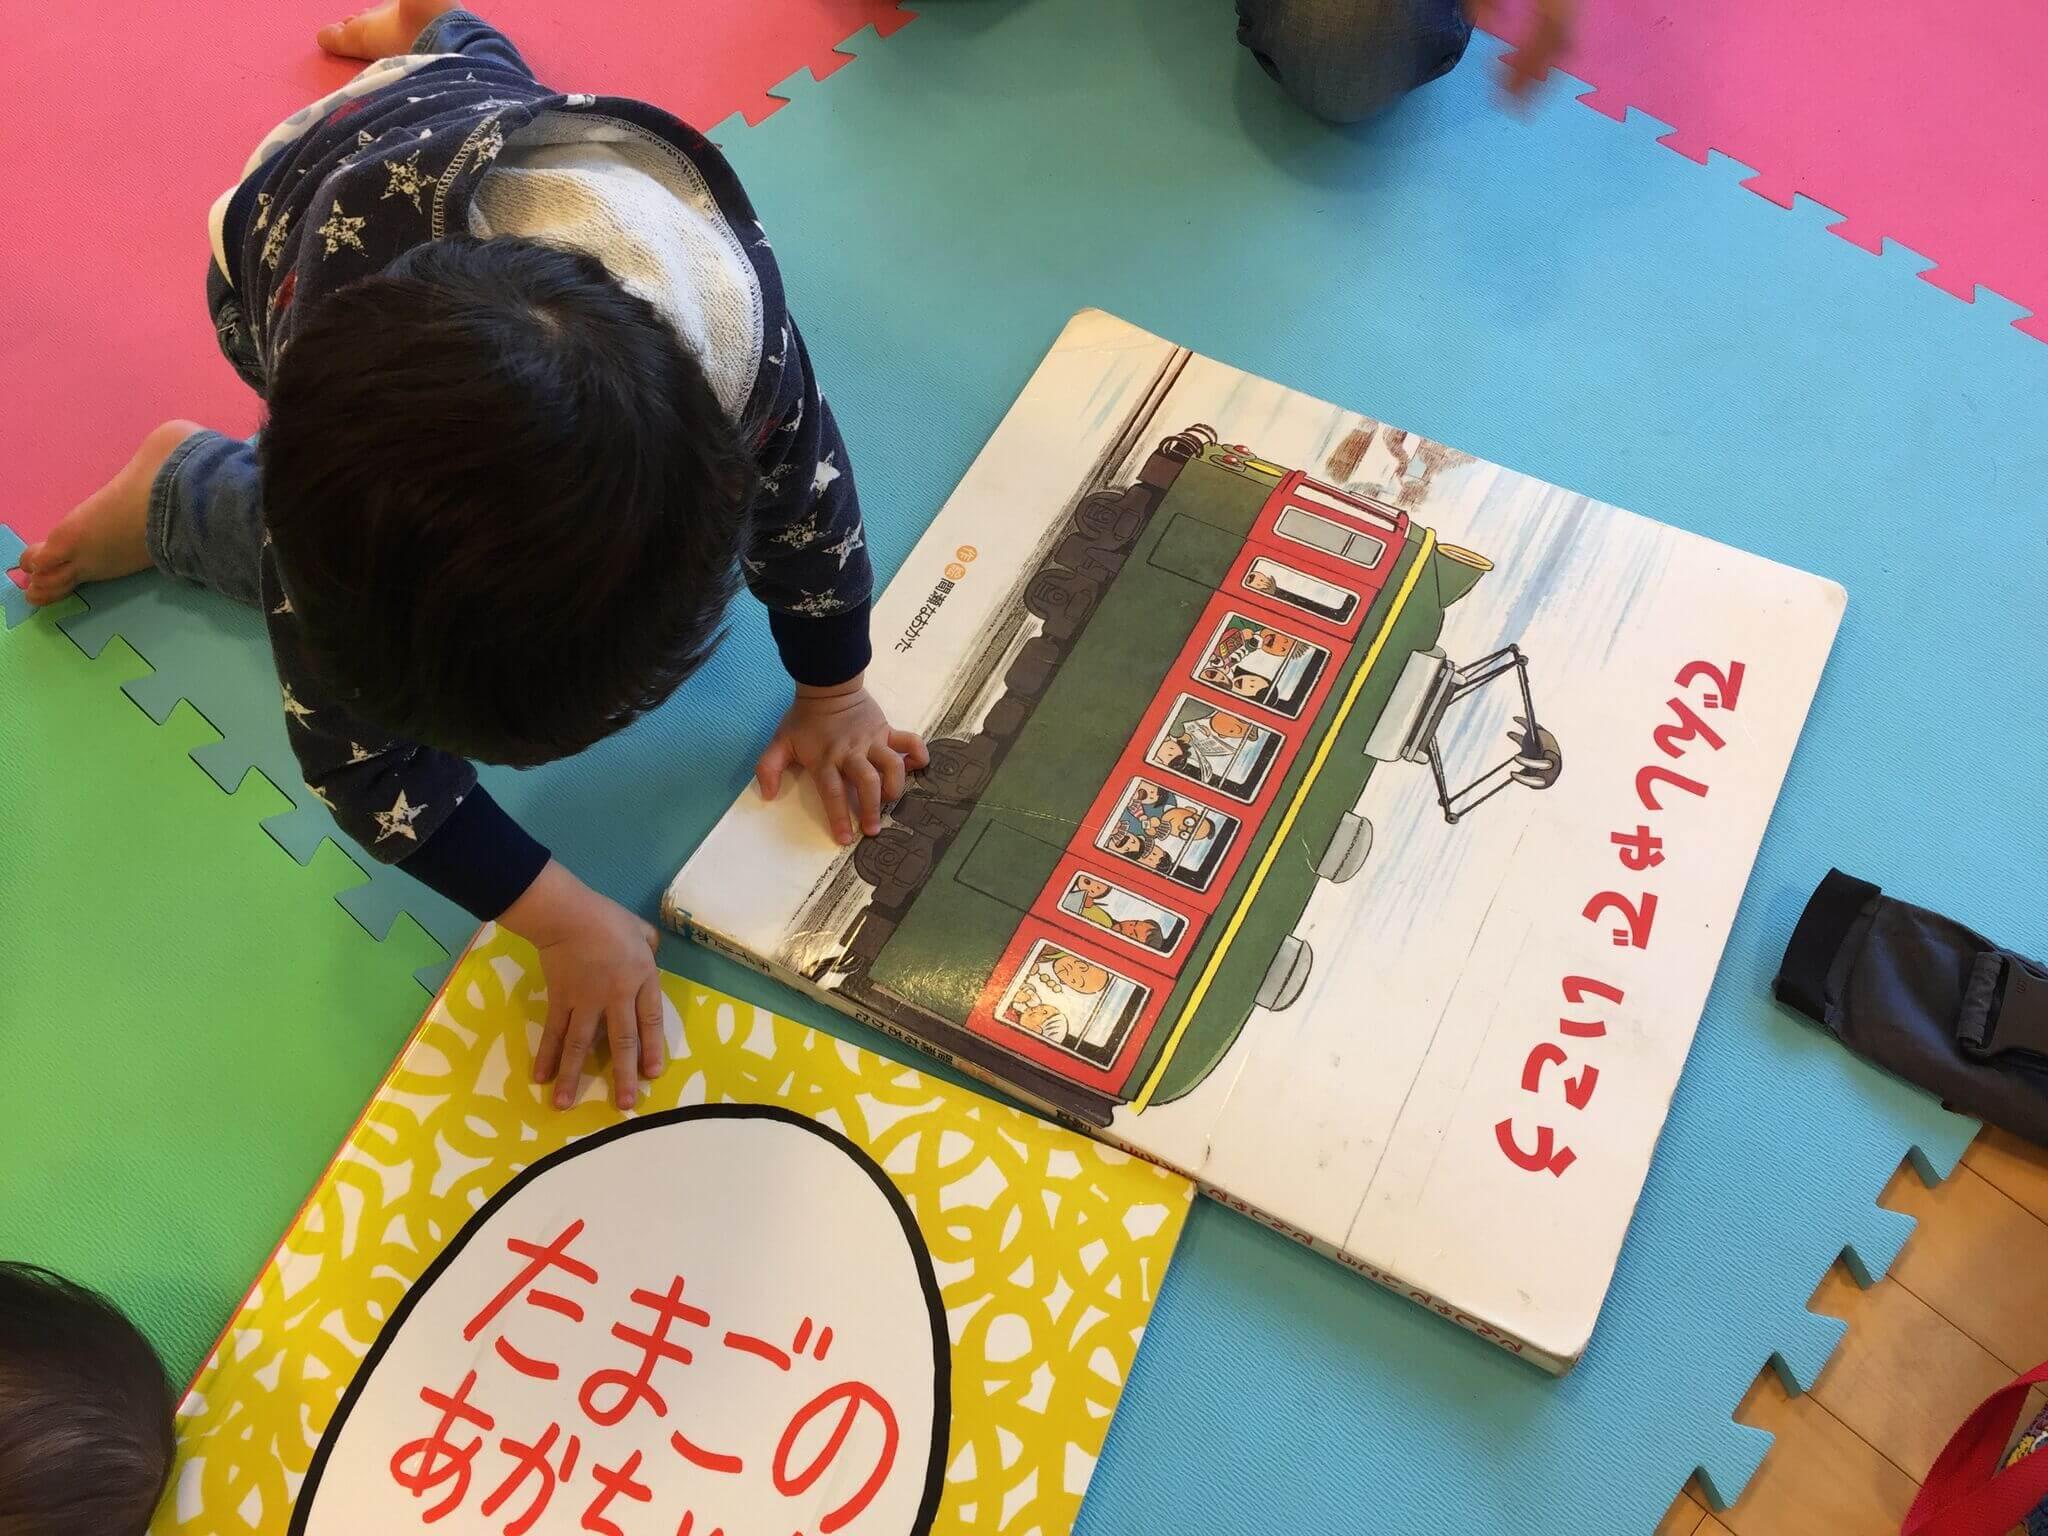 大きな絵本に、子供たちも喜んでいました